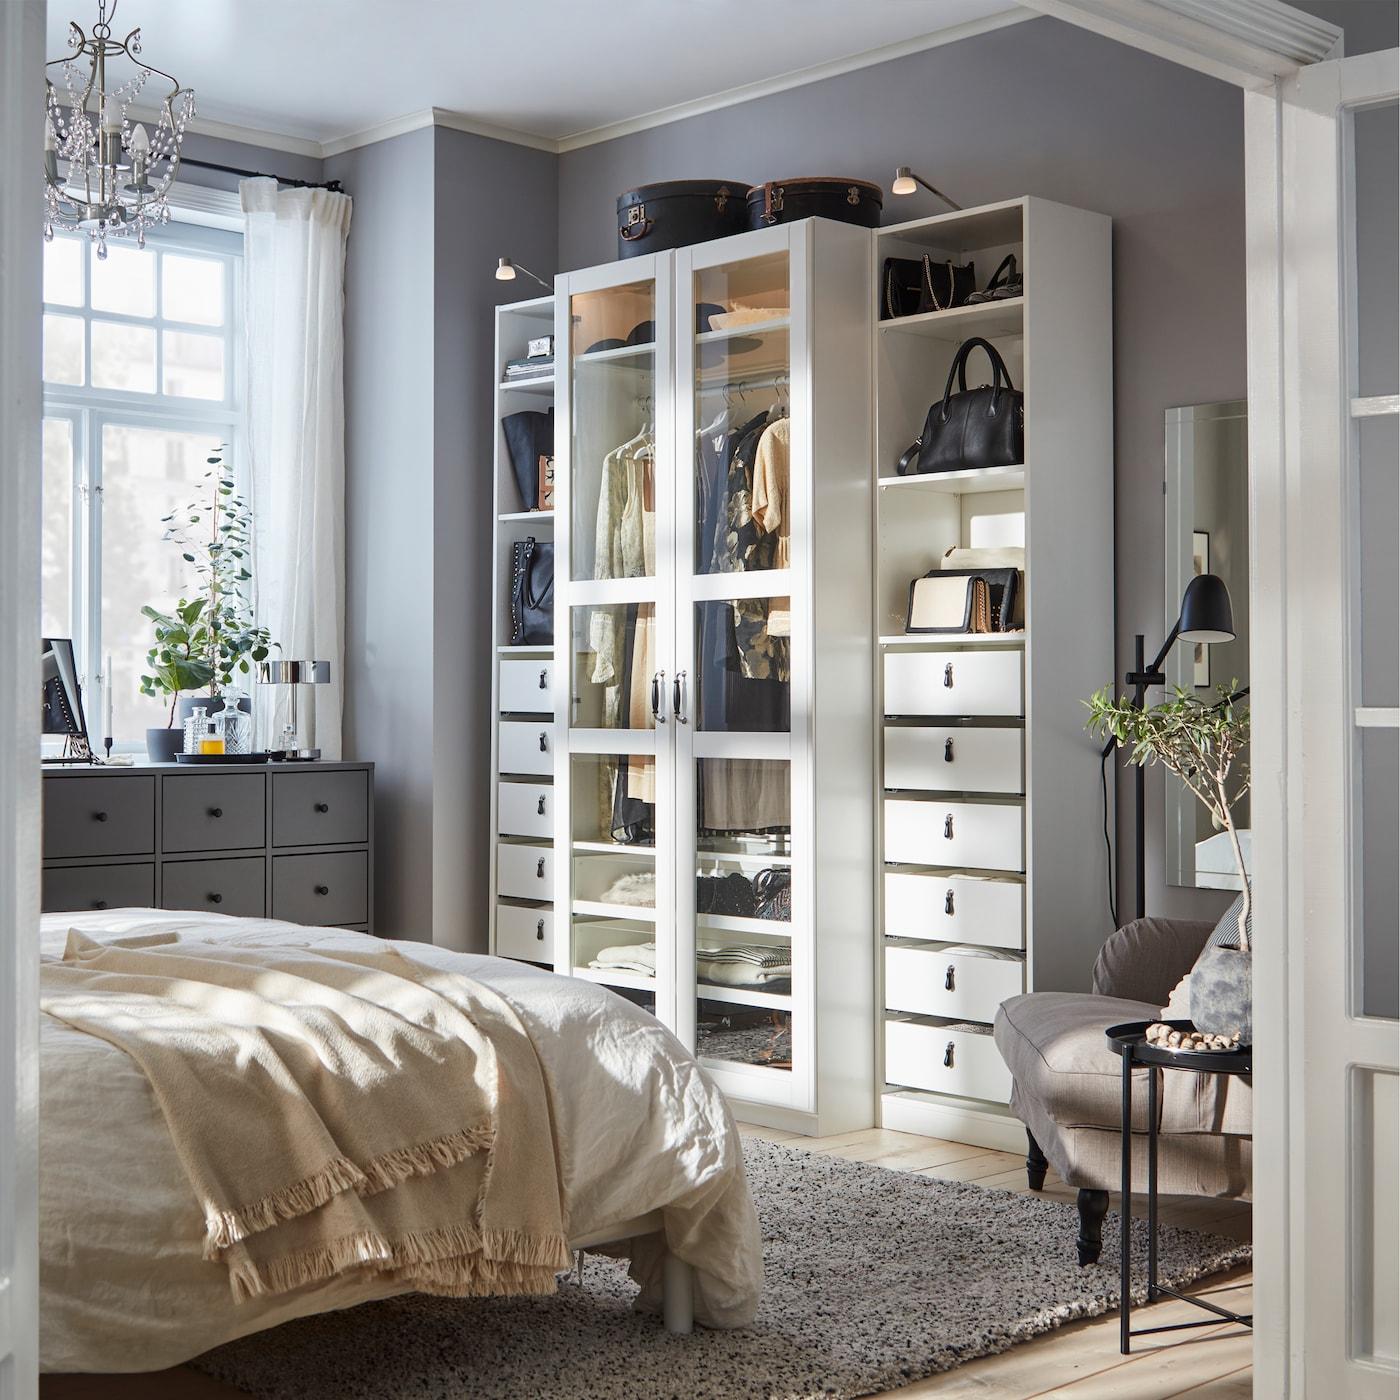 Camera da letto con guardaroba bianco con ante a vetro, cassettiera grigio scuro e poltrona grigio-beige – IKEA